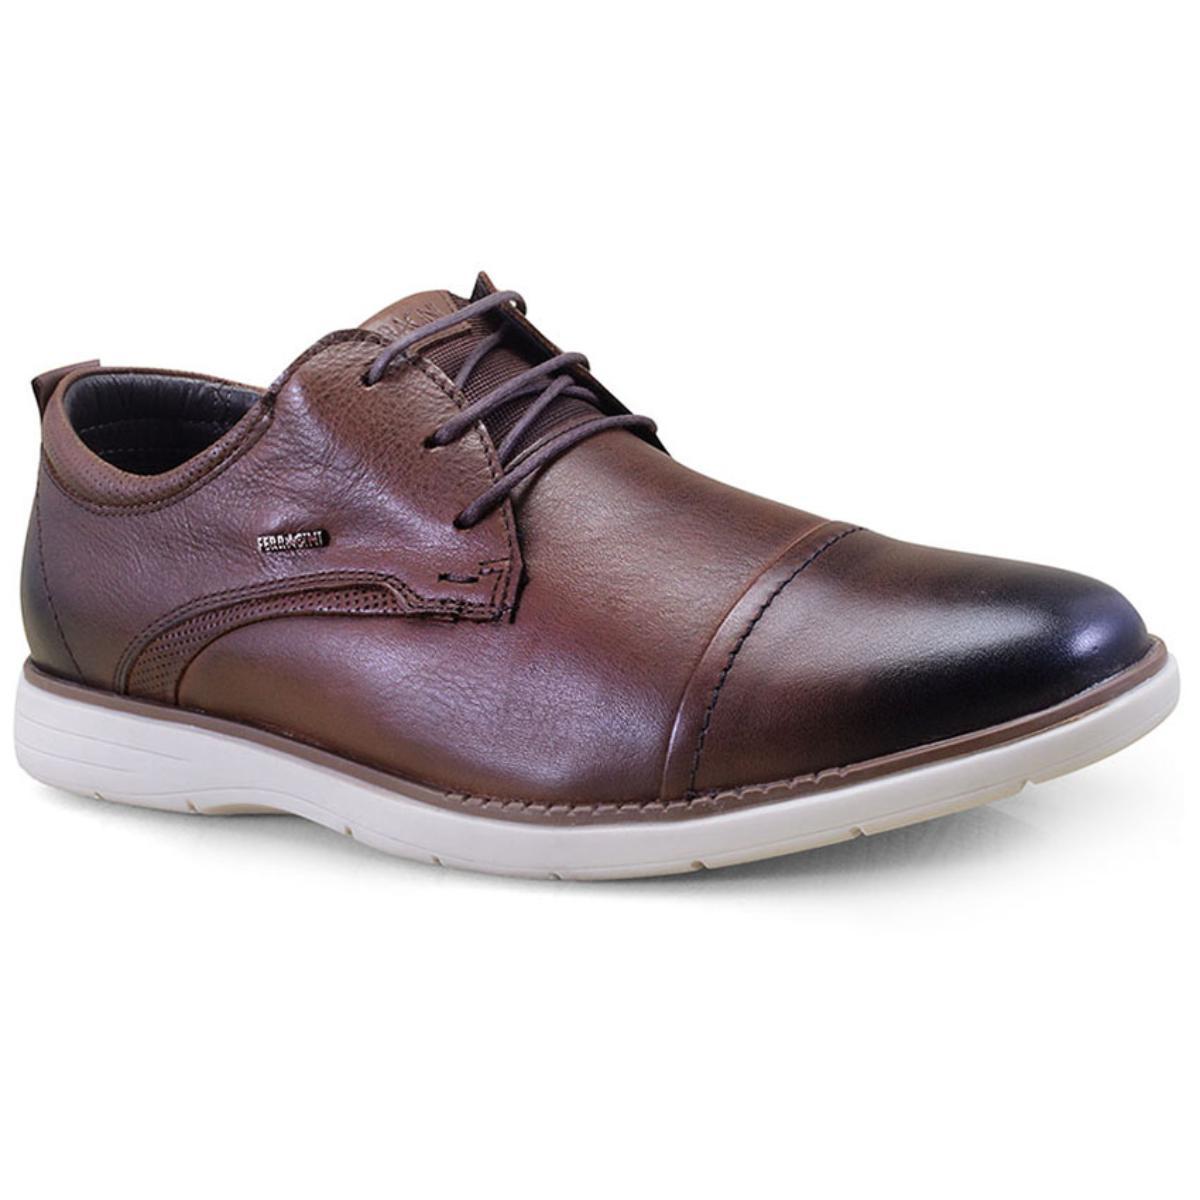 Sapato Masculino Ferracini 6120-559h Conhaque